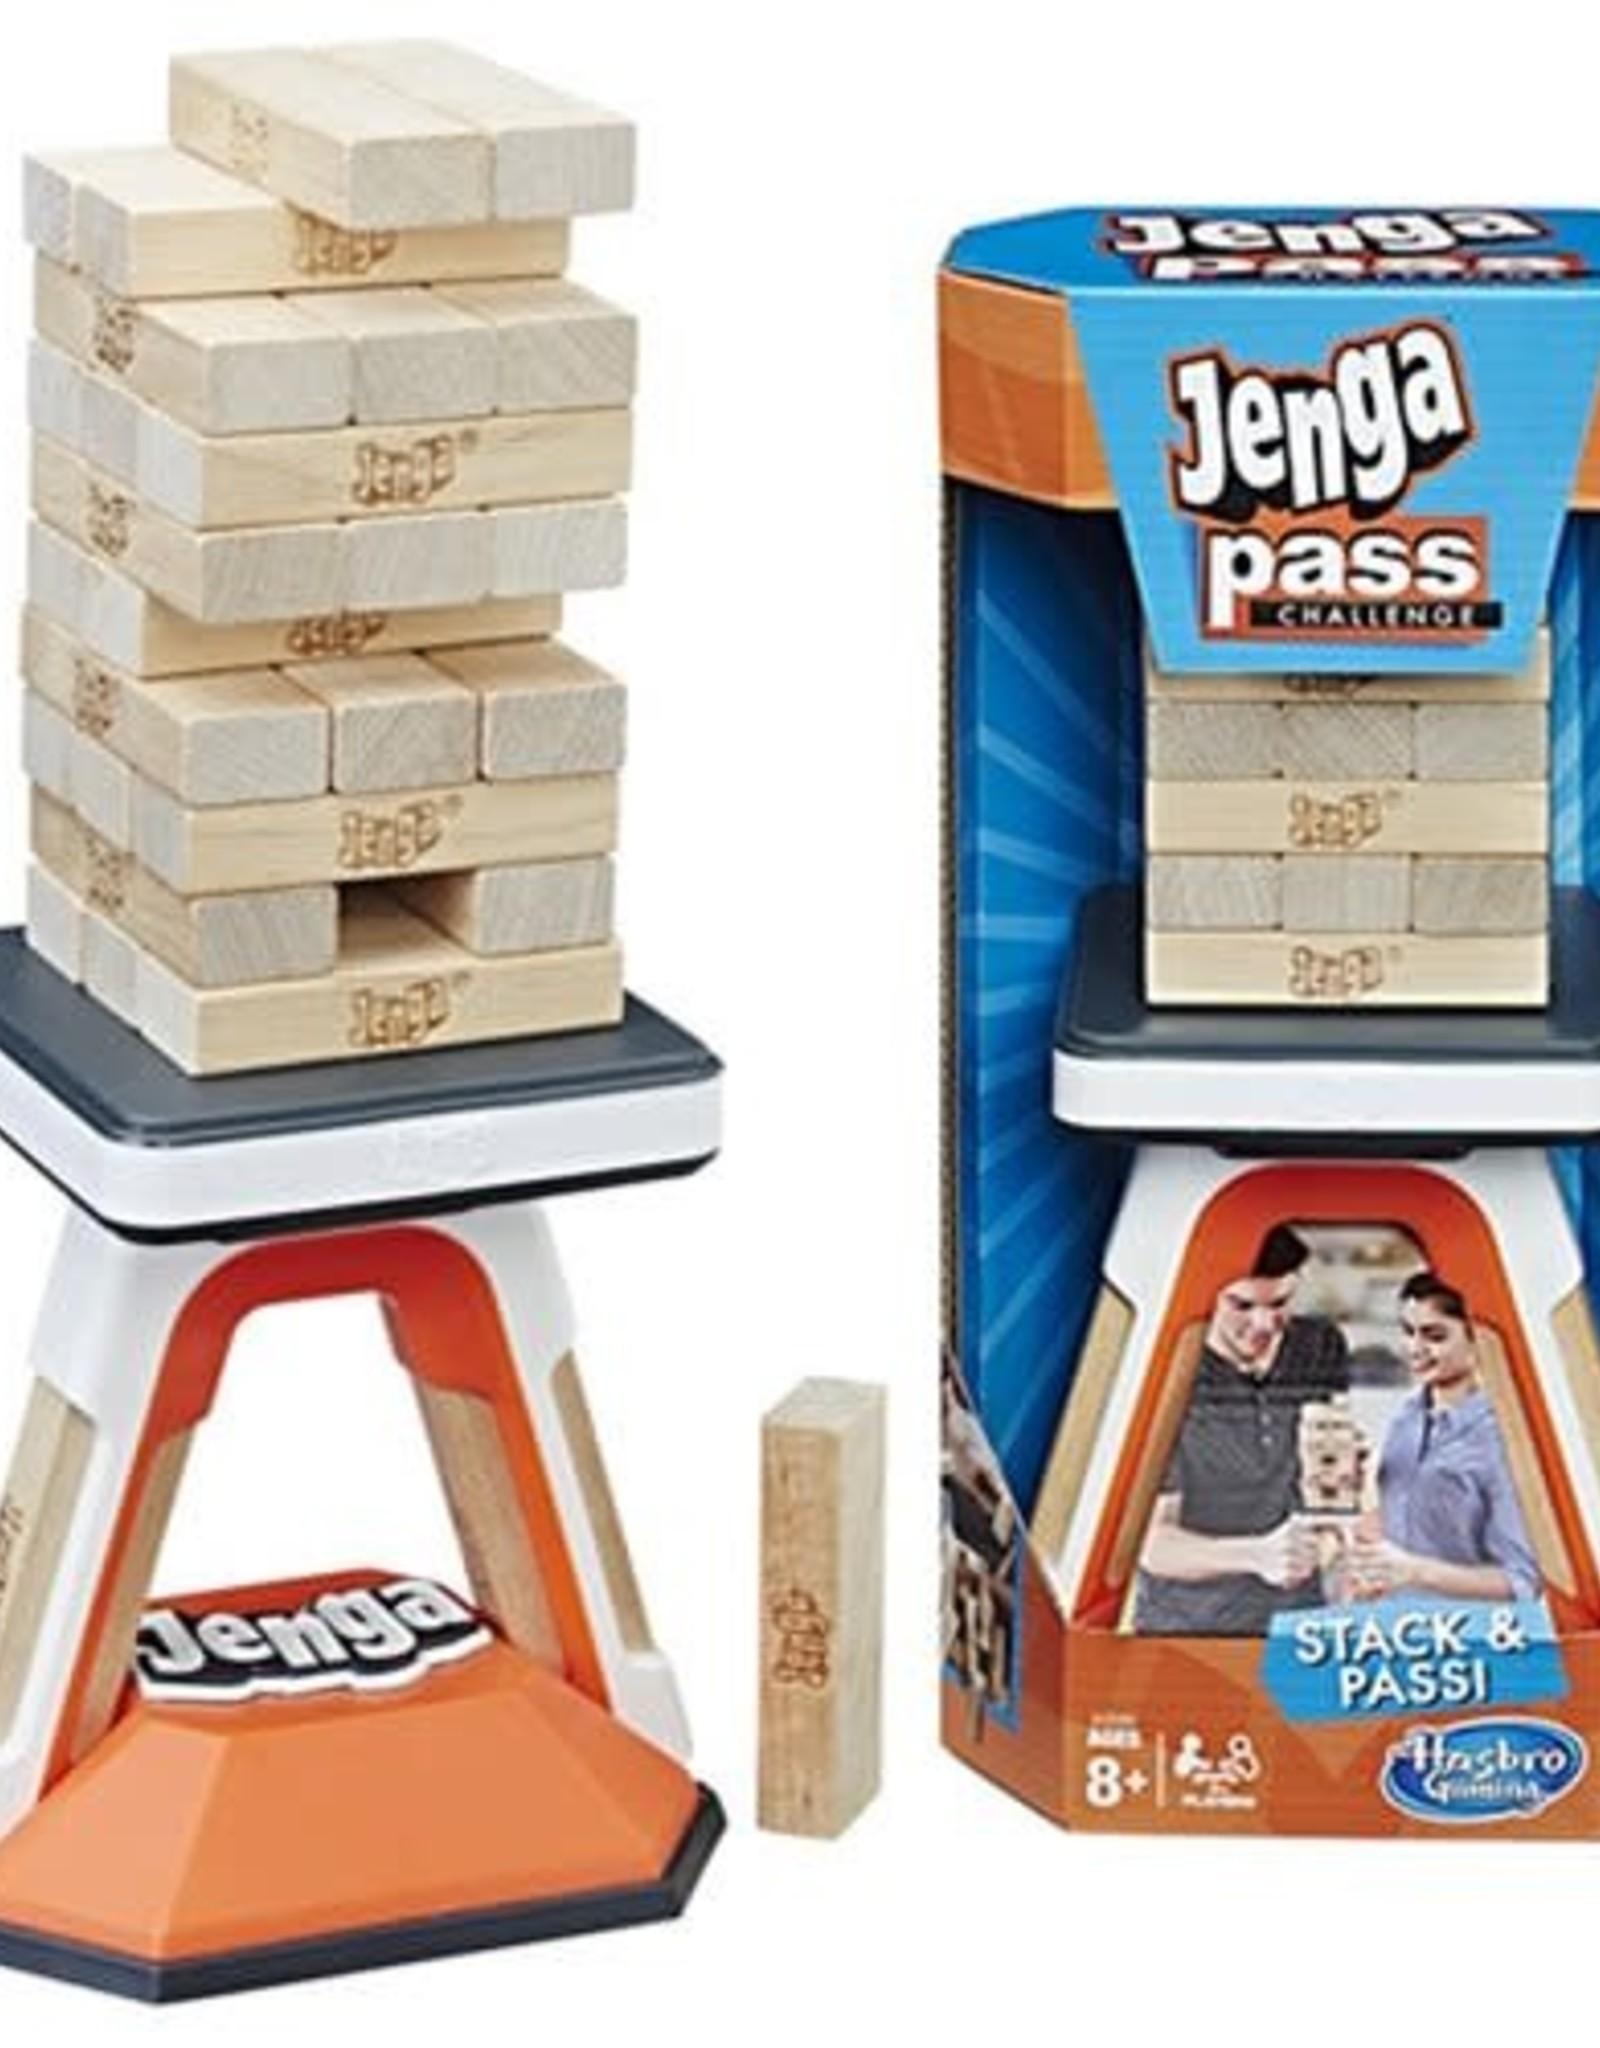 Hasbro Jenga Pass Challenge Game